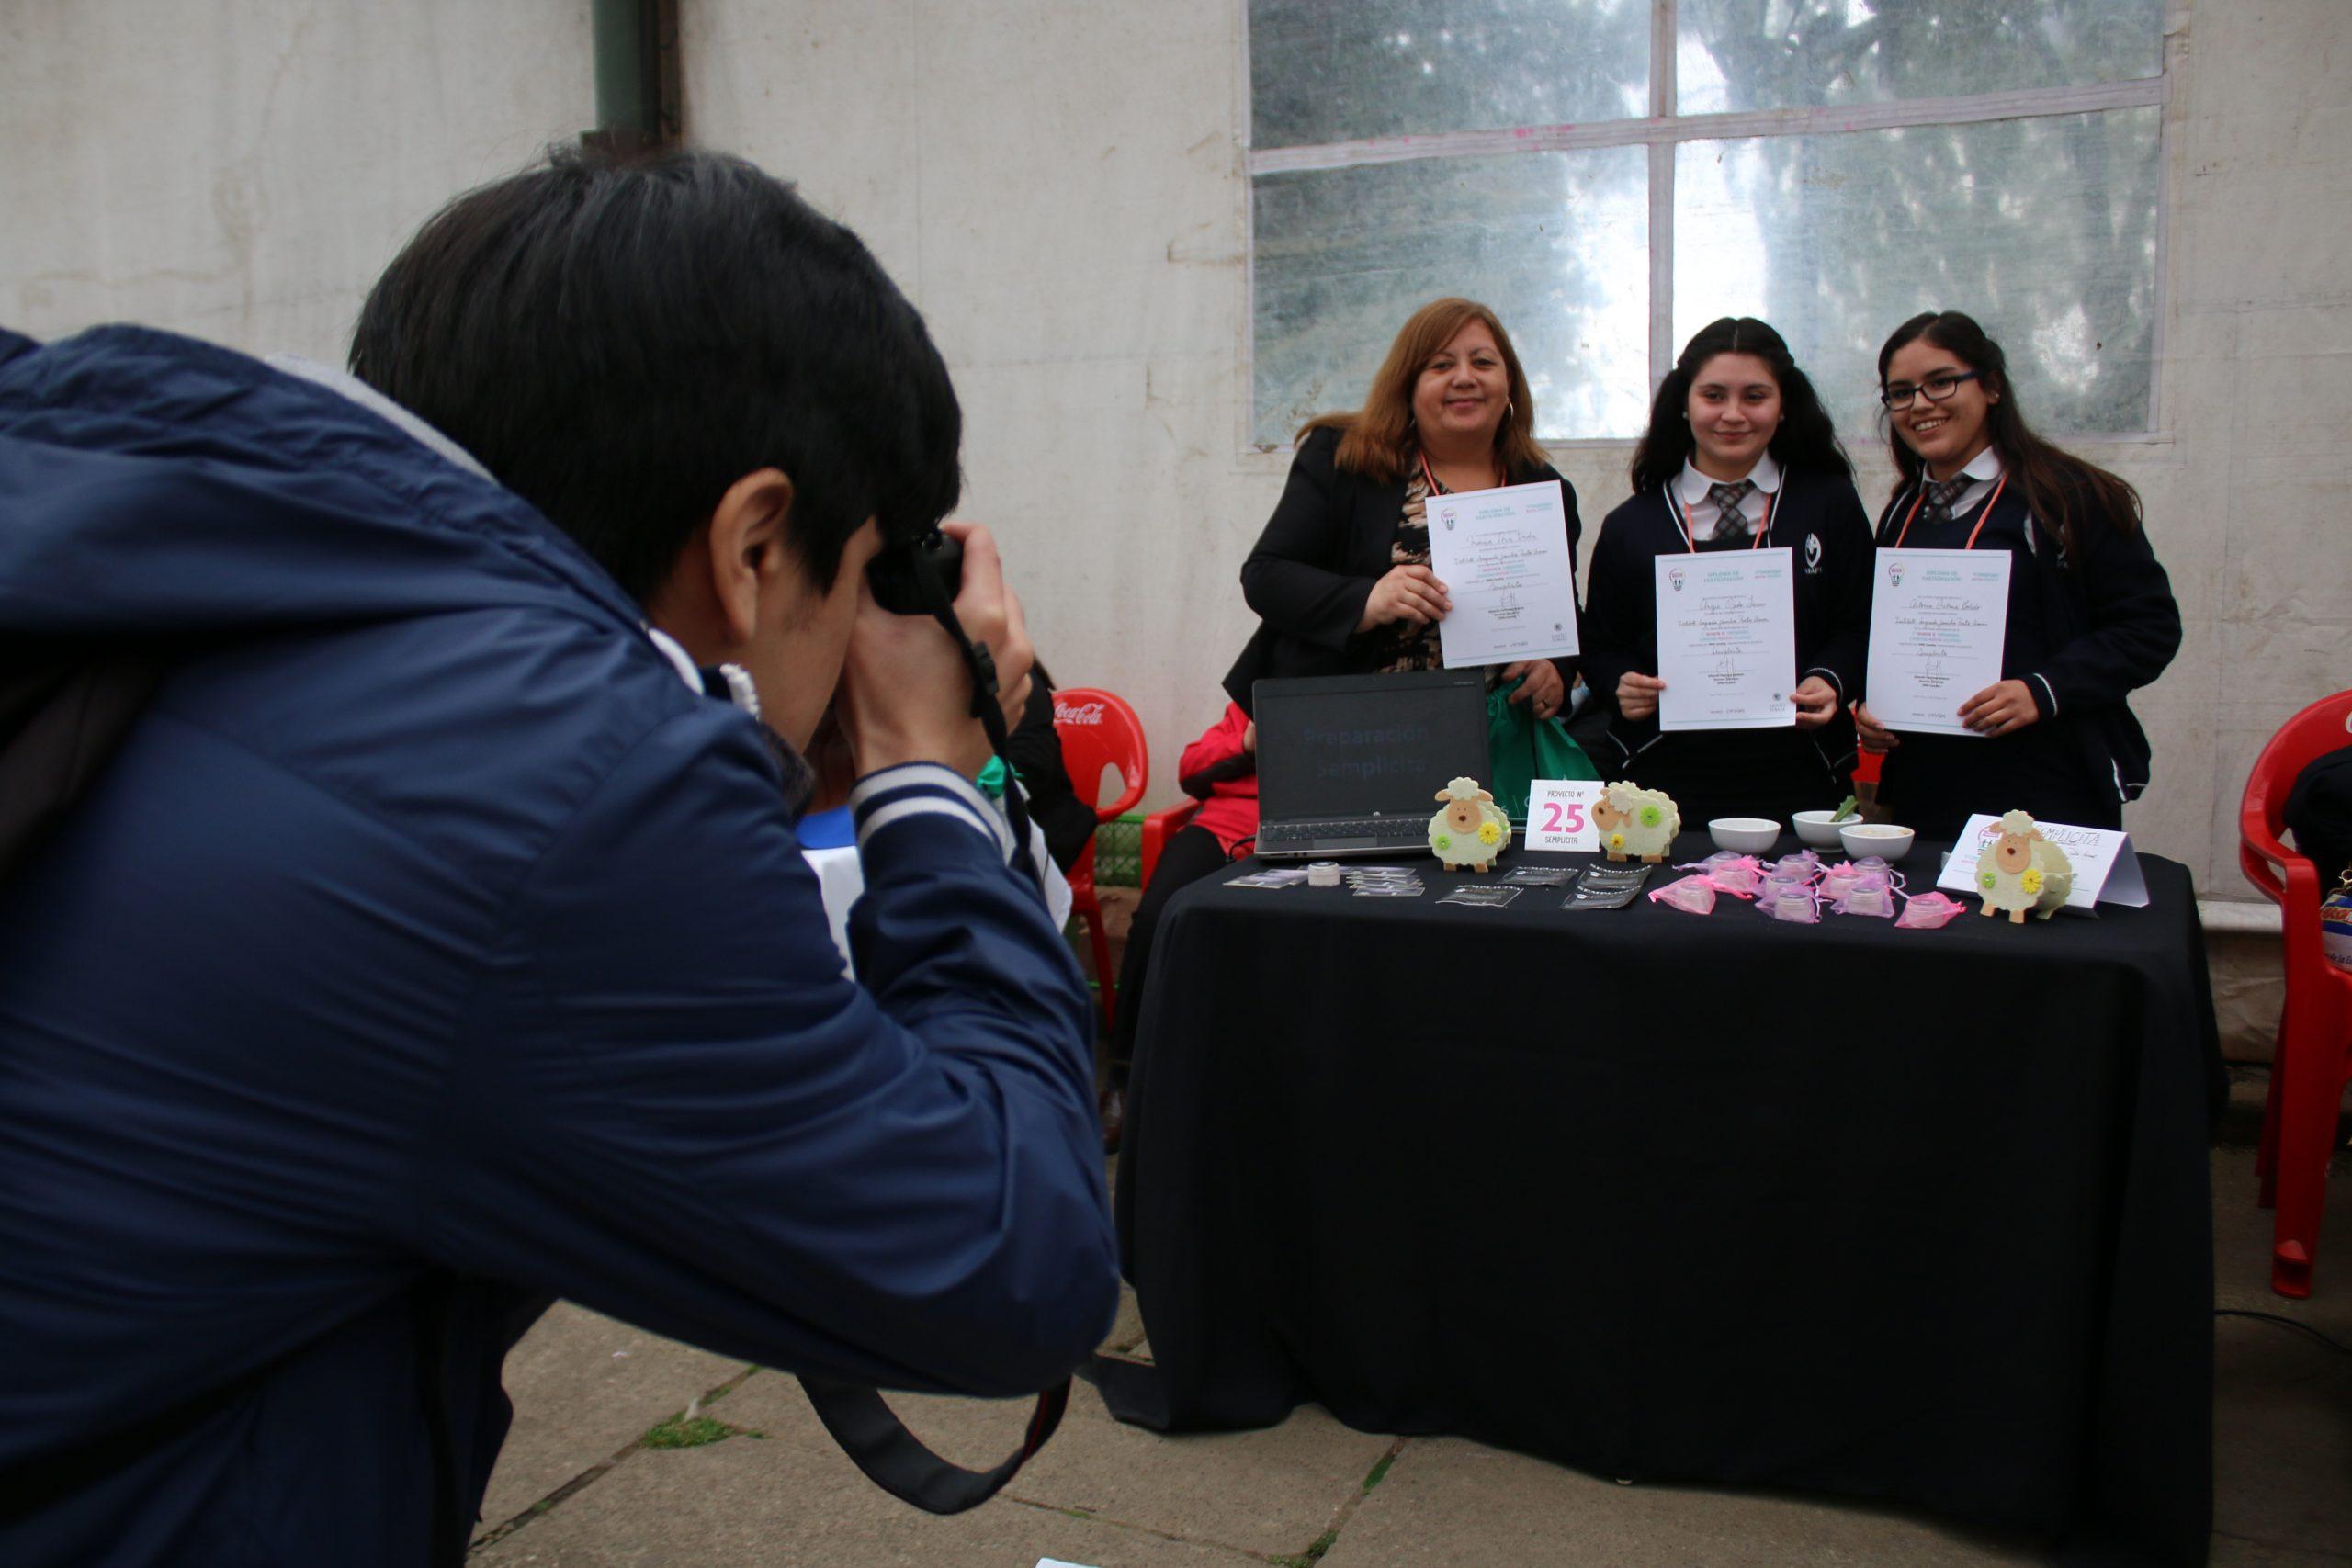 Proyecto de estudiantes del Instituto Sagrada Familia de Punta Arenas es premiado en quinto encuentro de emprendimiento de ONG Canales.